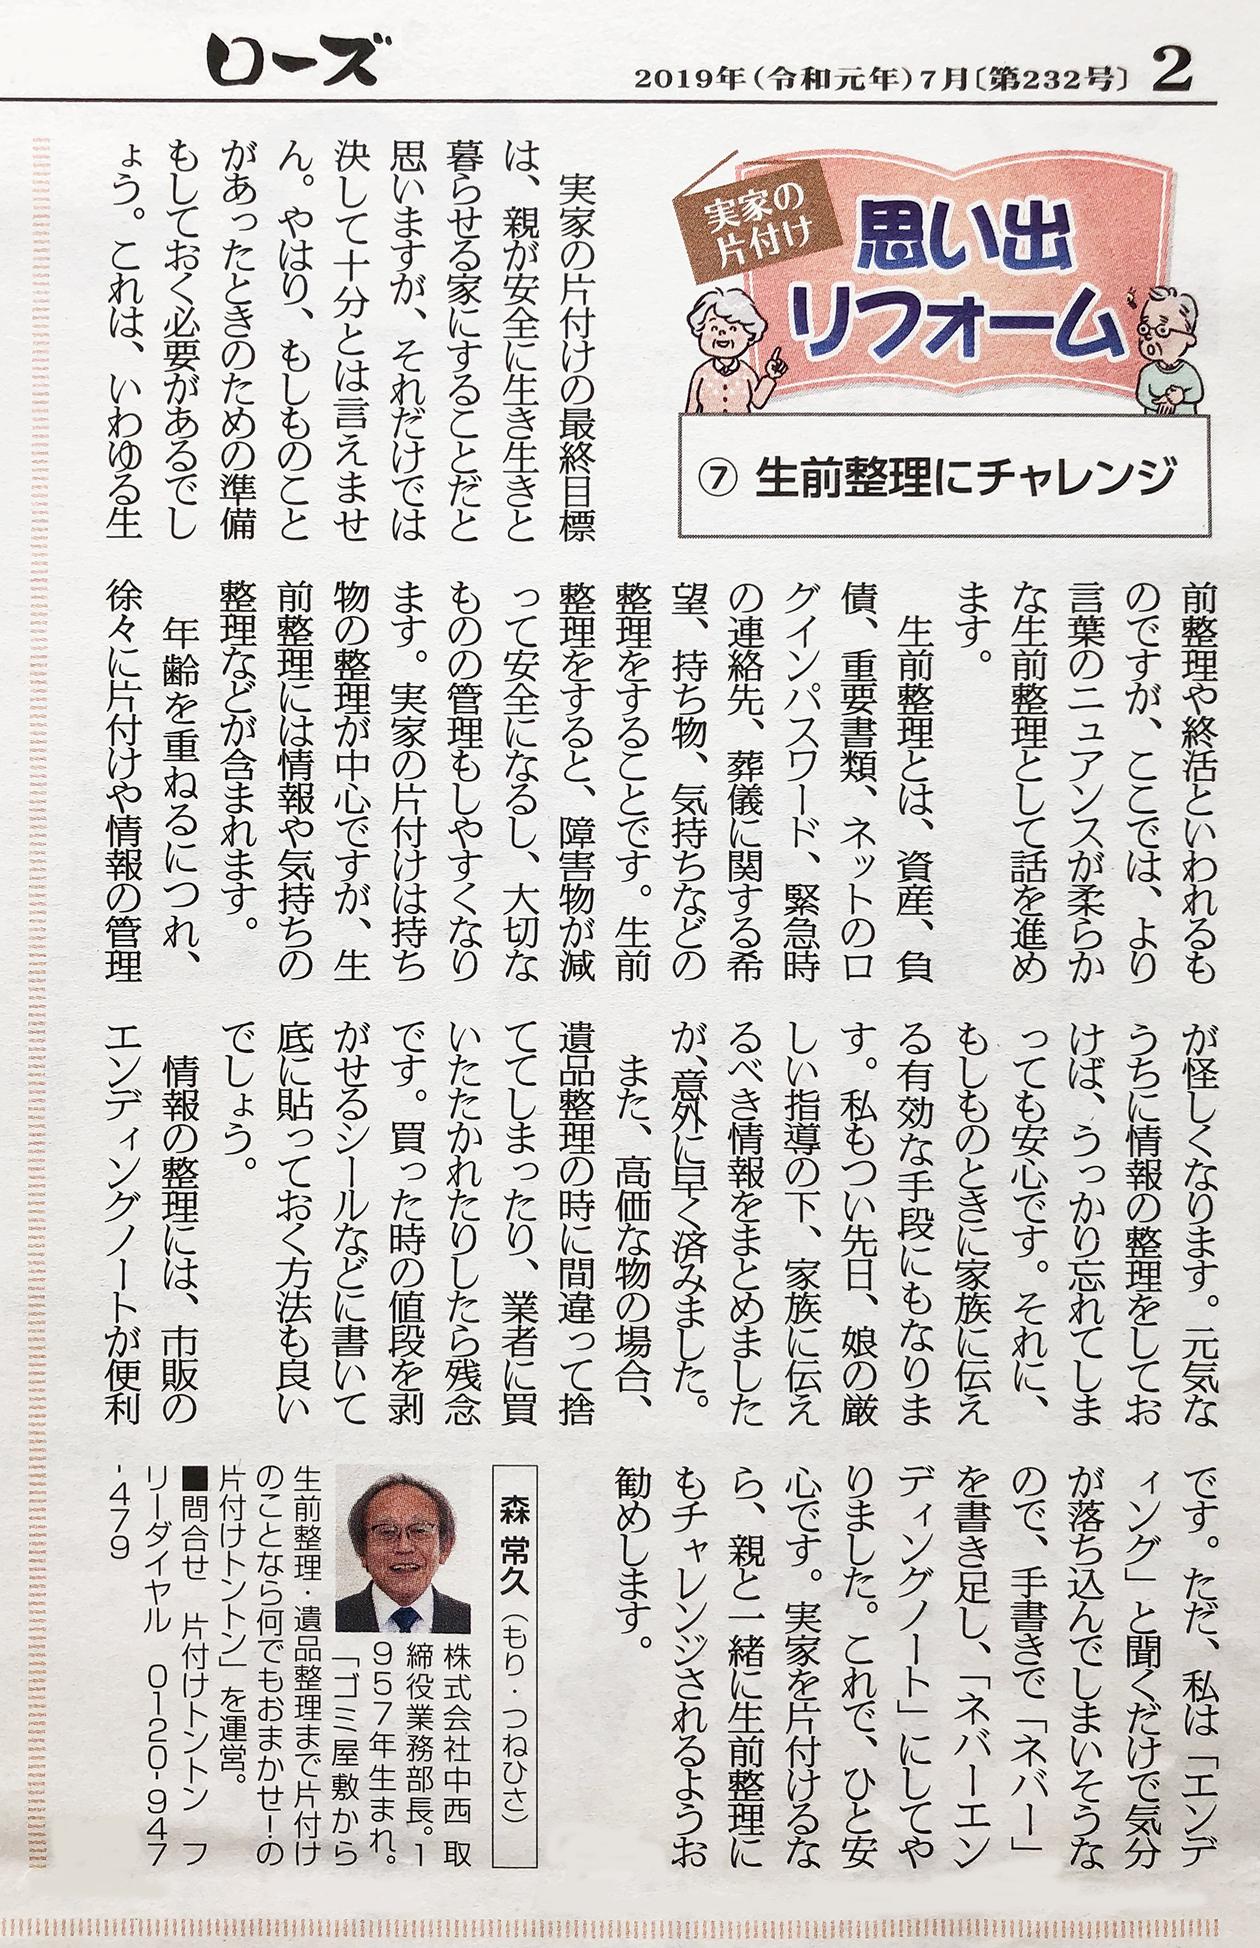 中日新聞朝刊折込 シニア情報紙『ローズ』7月号の写真